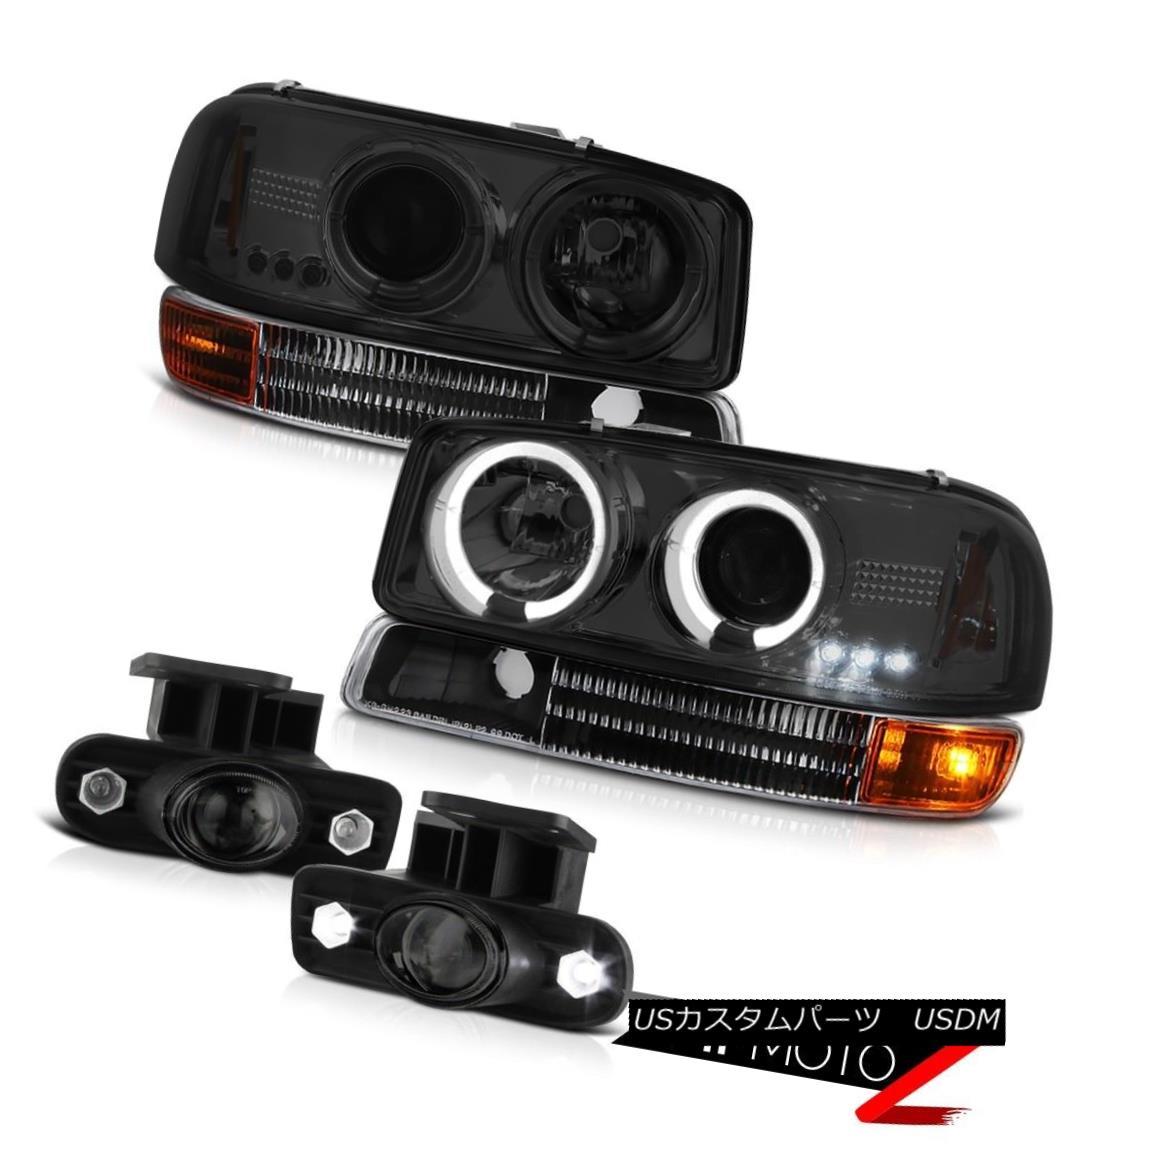 ヘッドライト 01 02 03 04 05 06 Yukon Halo LED Projector Headlight Signal Switch Relay FogLamp 01 02 03 04 05 06ユーコンヘイローLEDプロジェクターヘッドライト信号スイッチリレーFogLamp